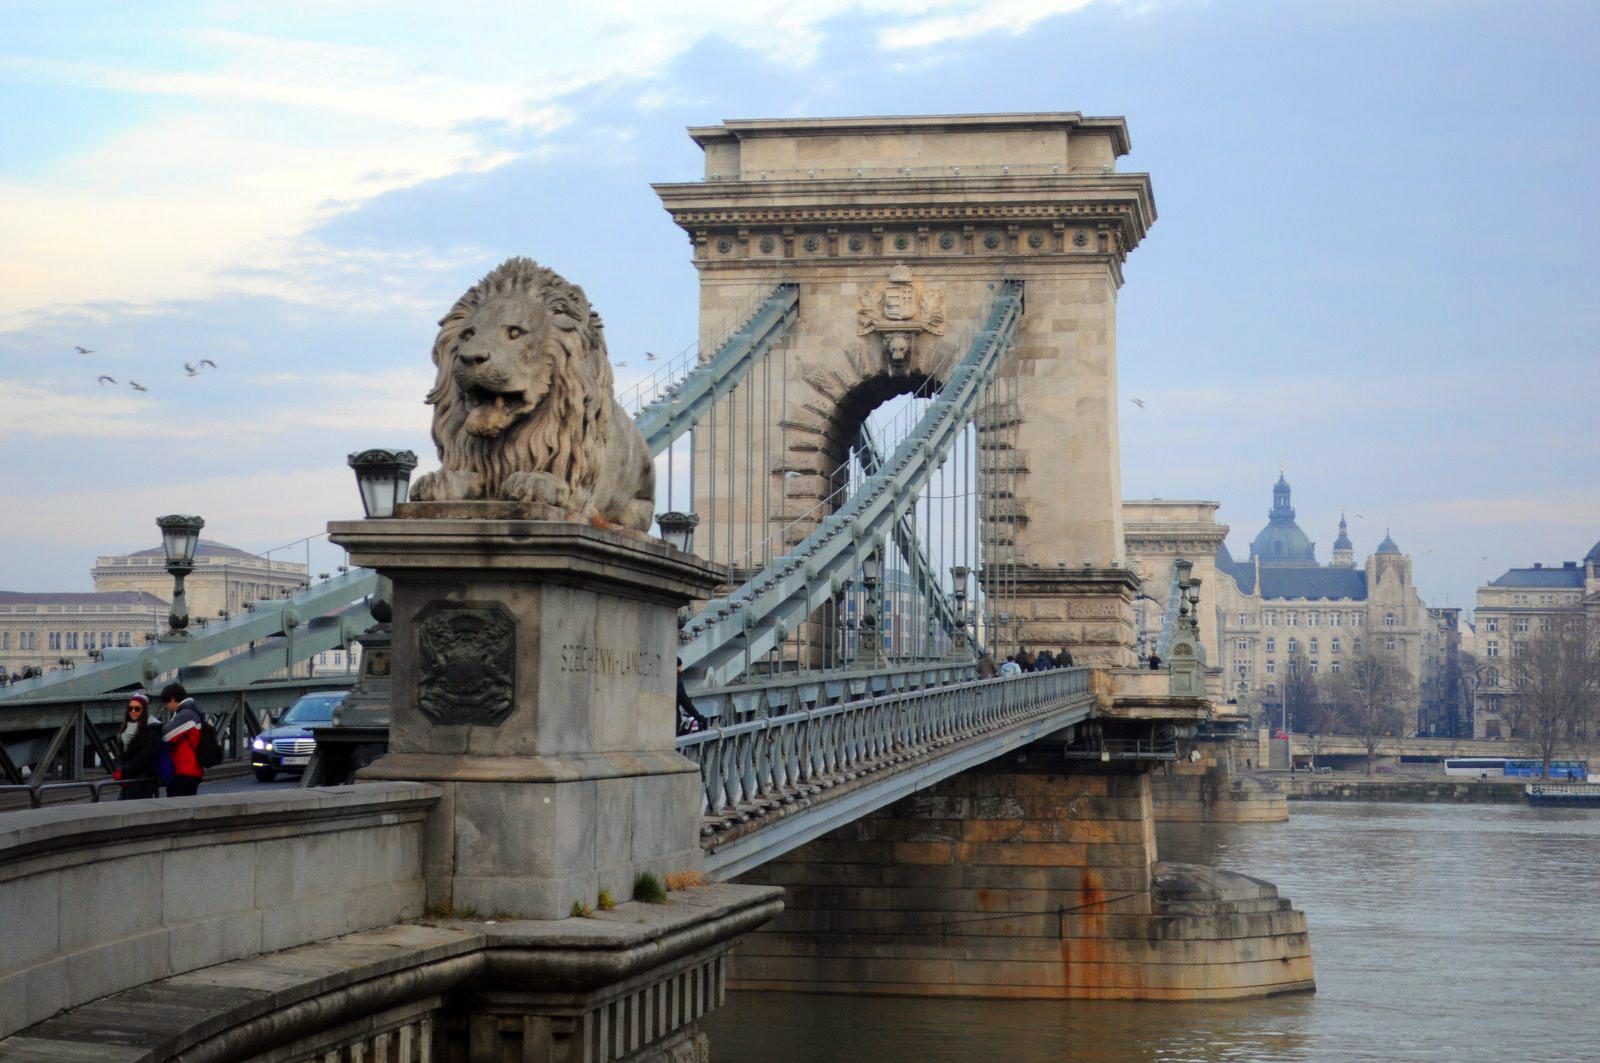 Qué ver en Budapest en un fin de semana: Puente de las Cadenas desde Buda budapest en un fin de semana - 20799588154 bdb5c9ac03 o - Qué ver en Budapest en un fin de semana